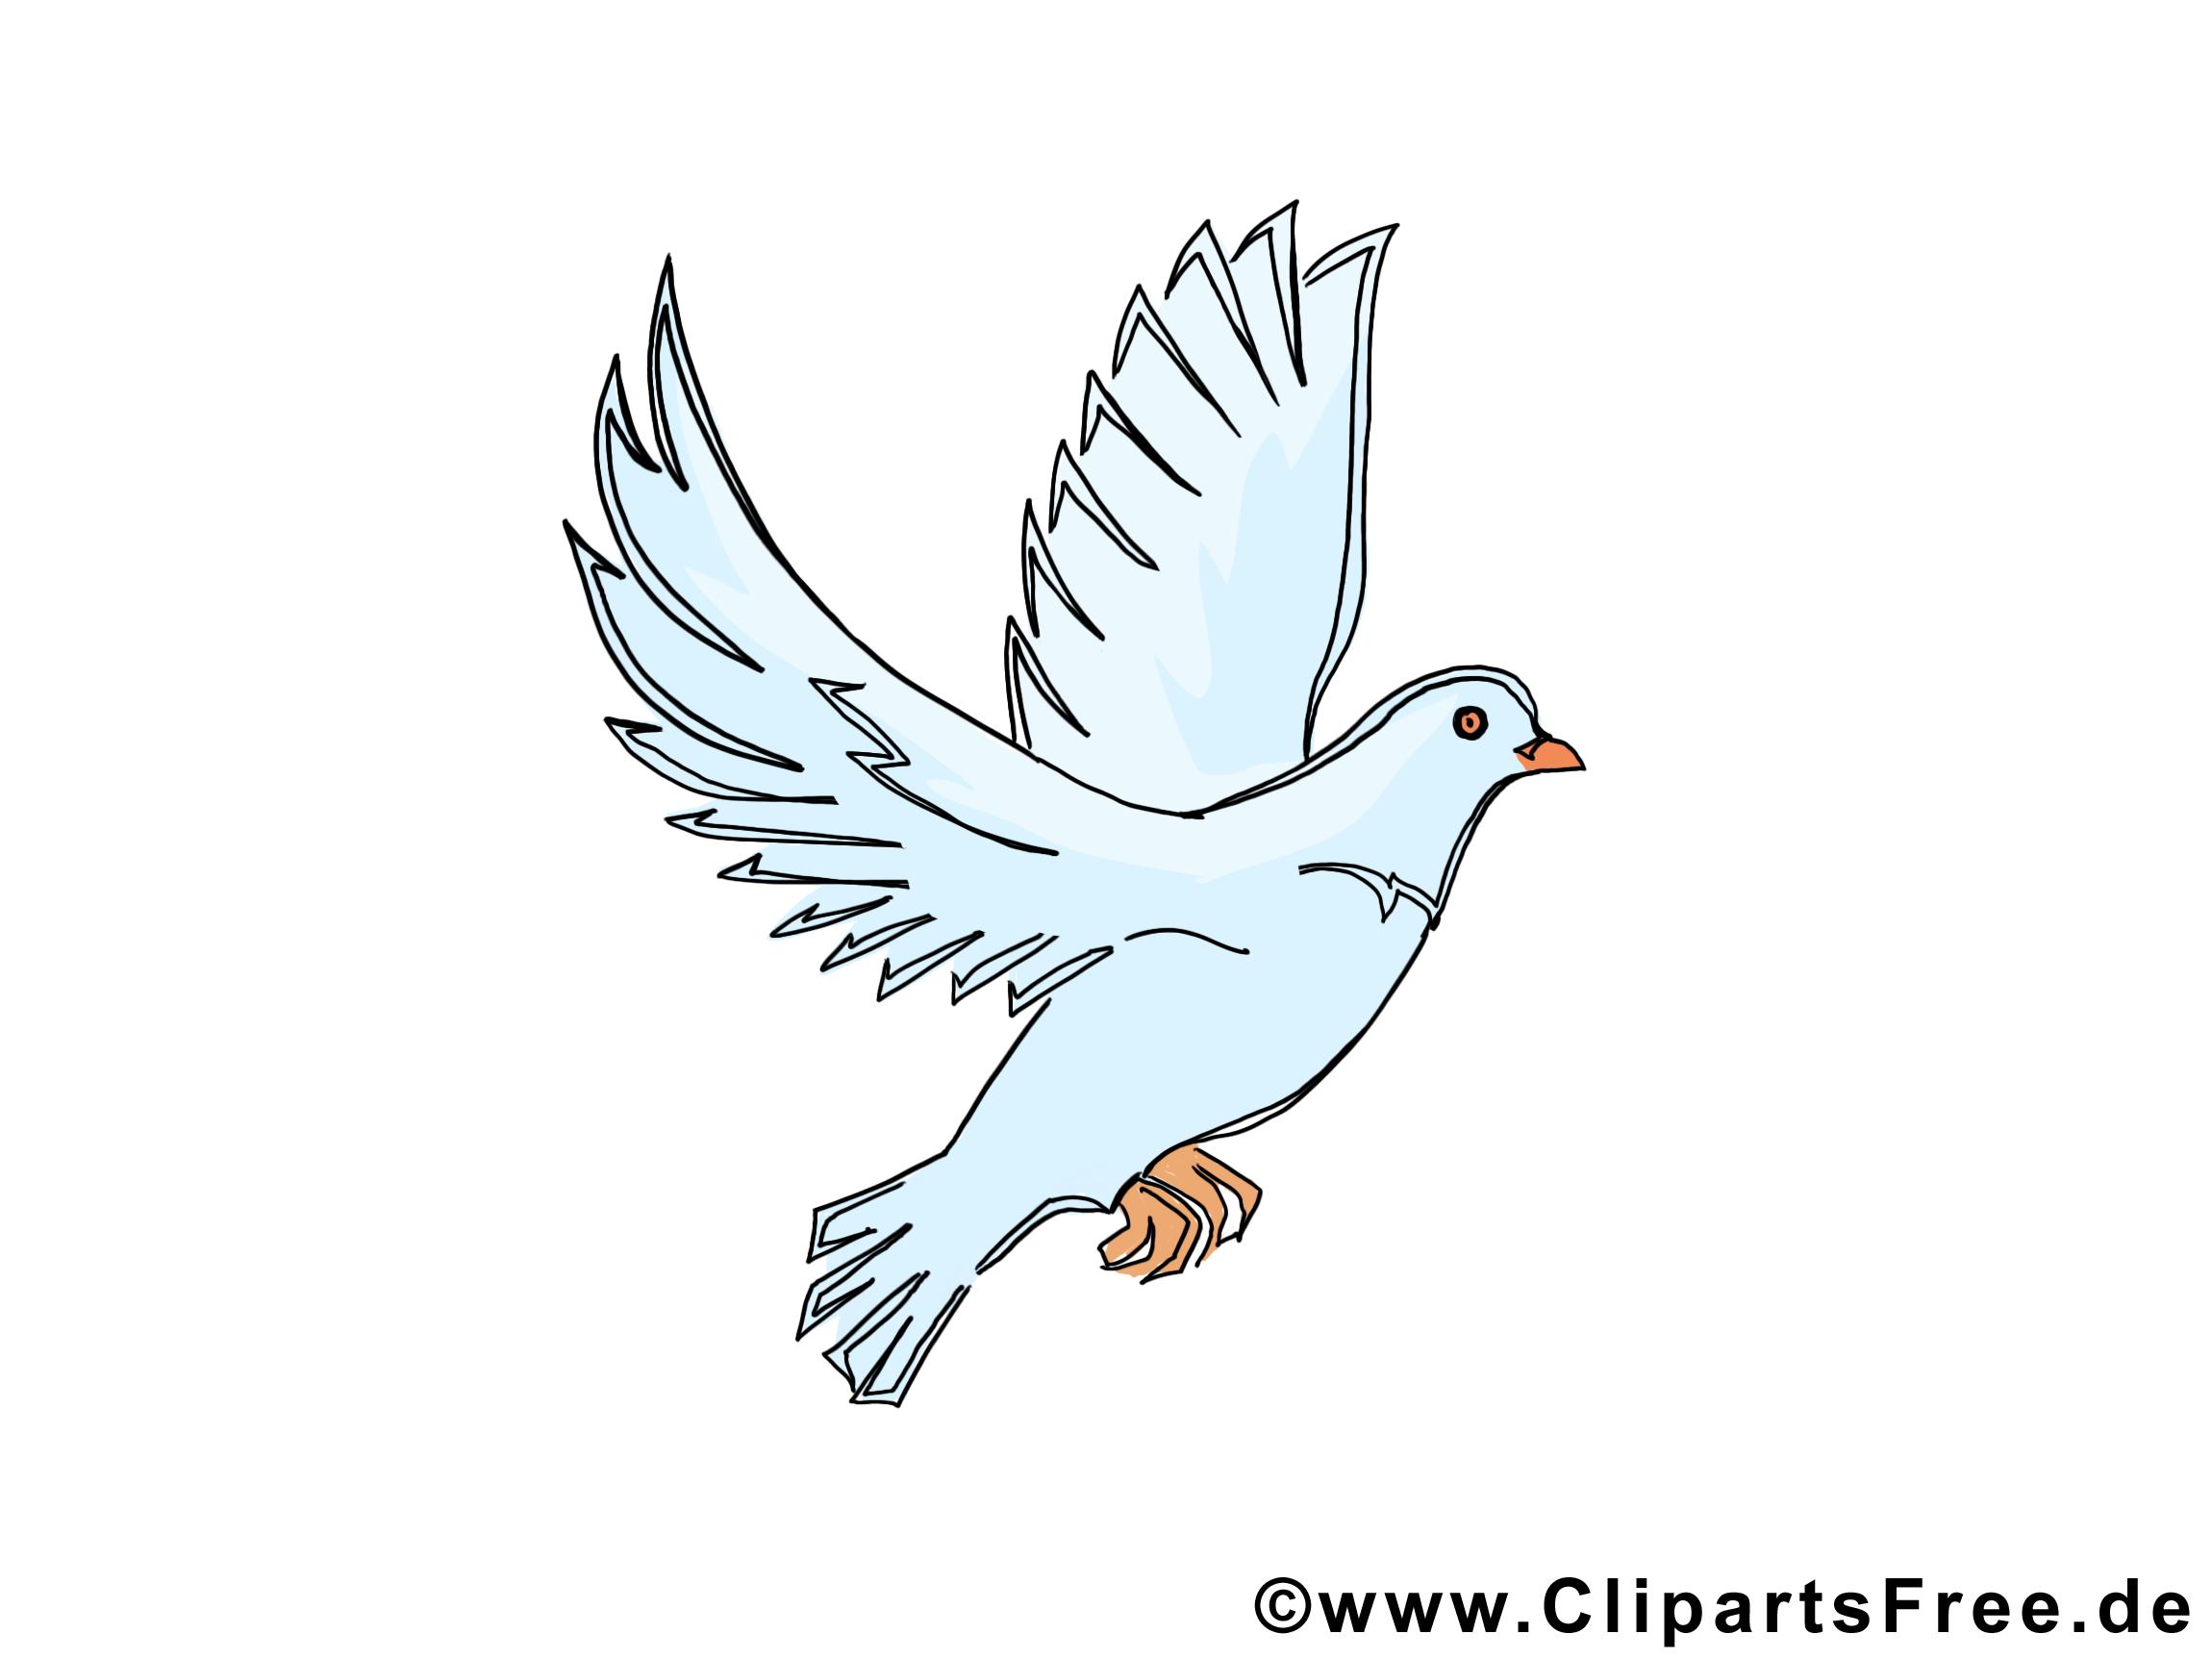 Pigeon dessins gratuits pentec te clipart gratuit pentec te dessin picture image graphic - Dessin pigeon ...